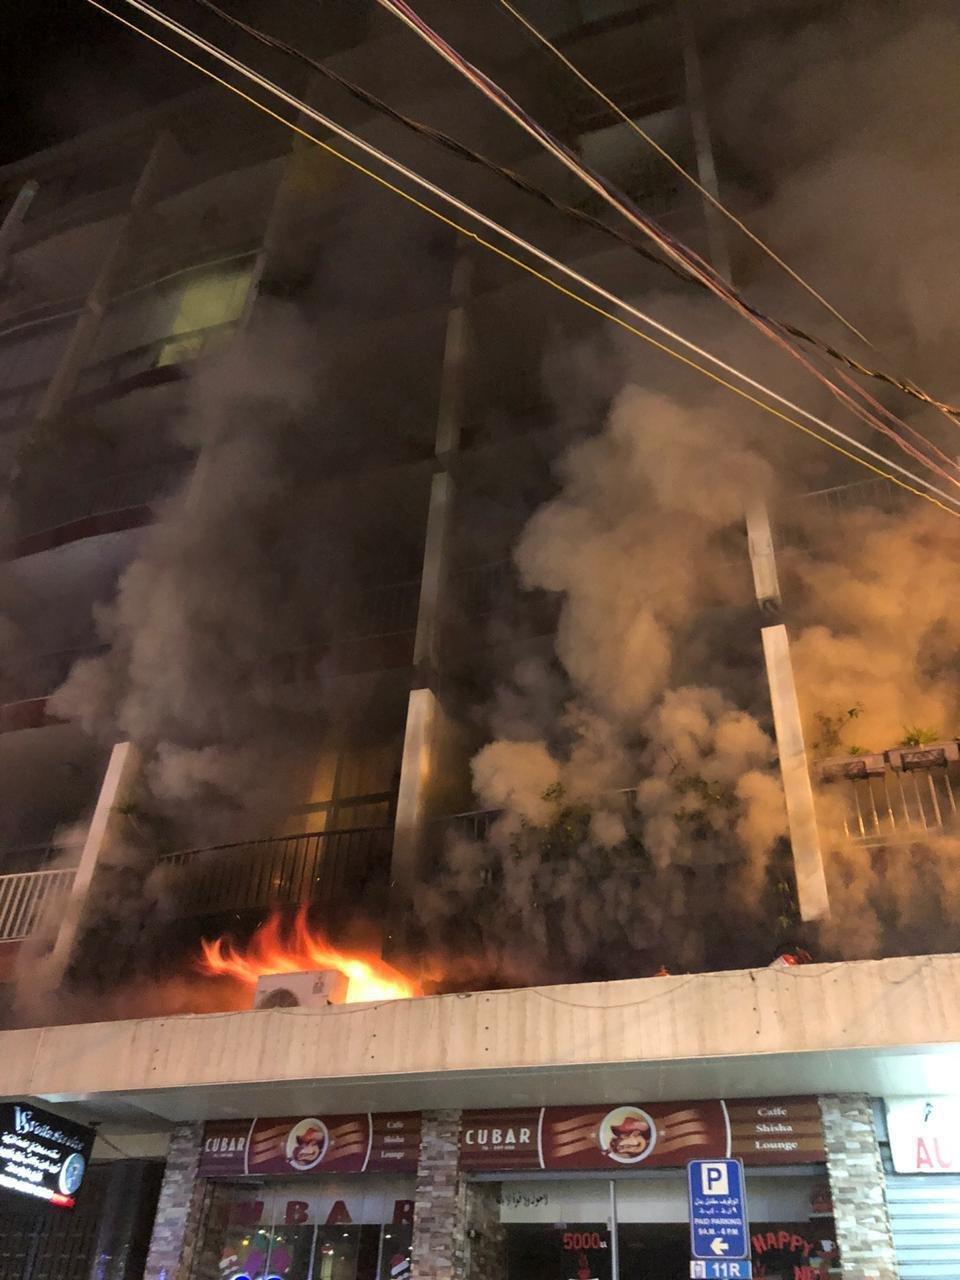 اندلاع حريق بمبنى في منطقة كركول الدروز والدفاع المدني يعمل على اخماده